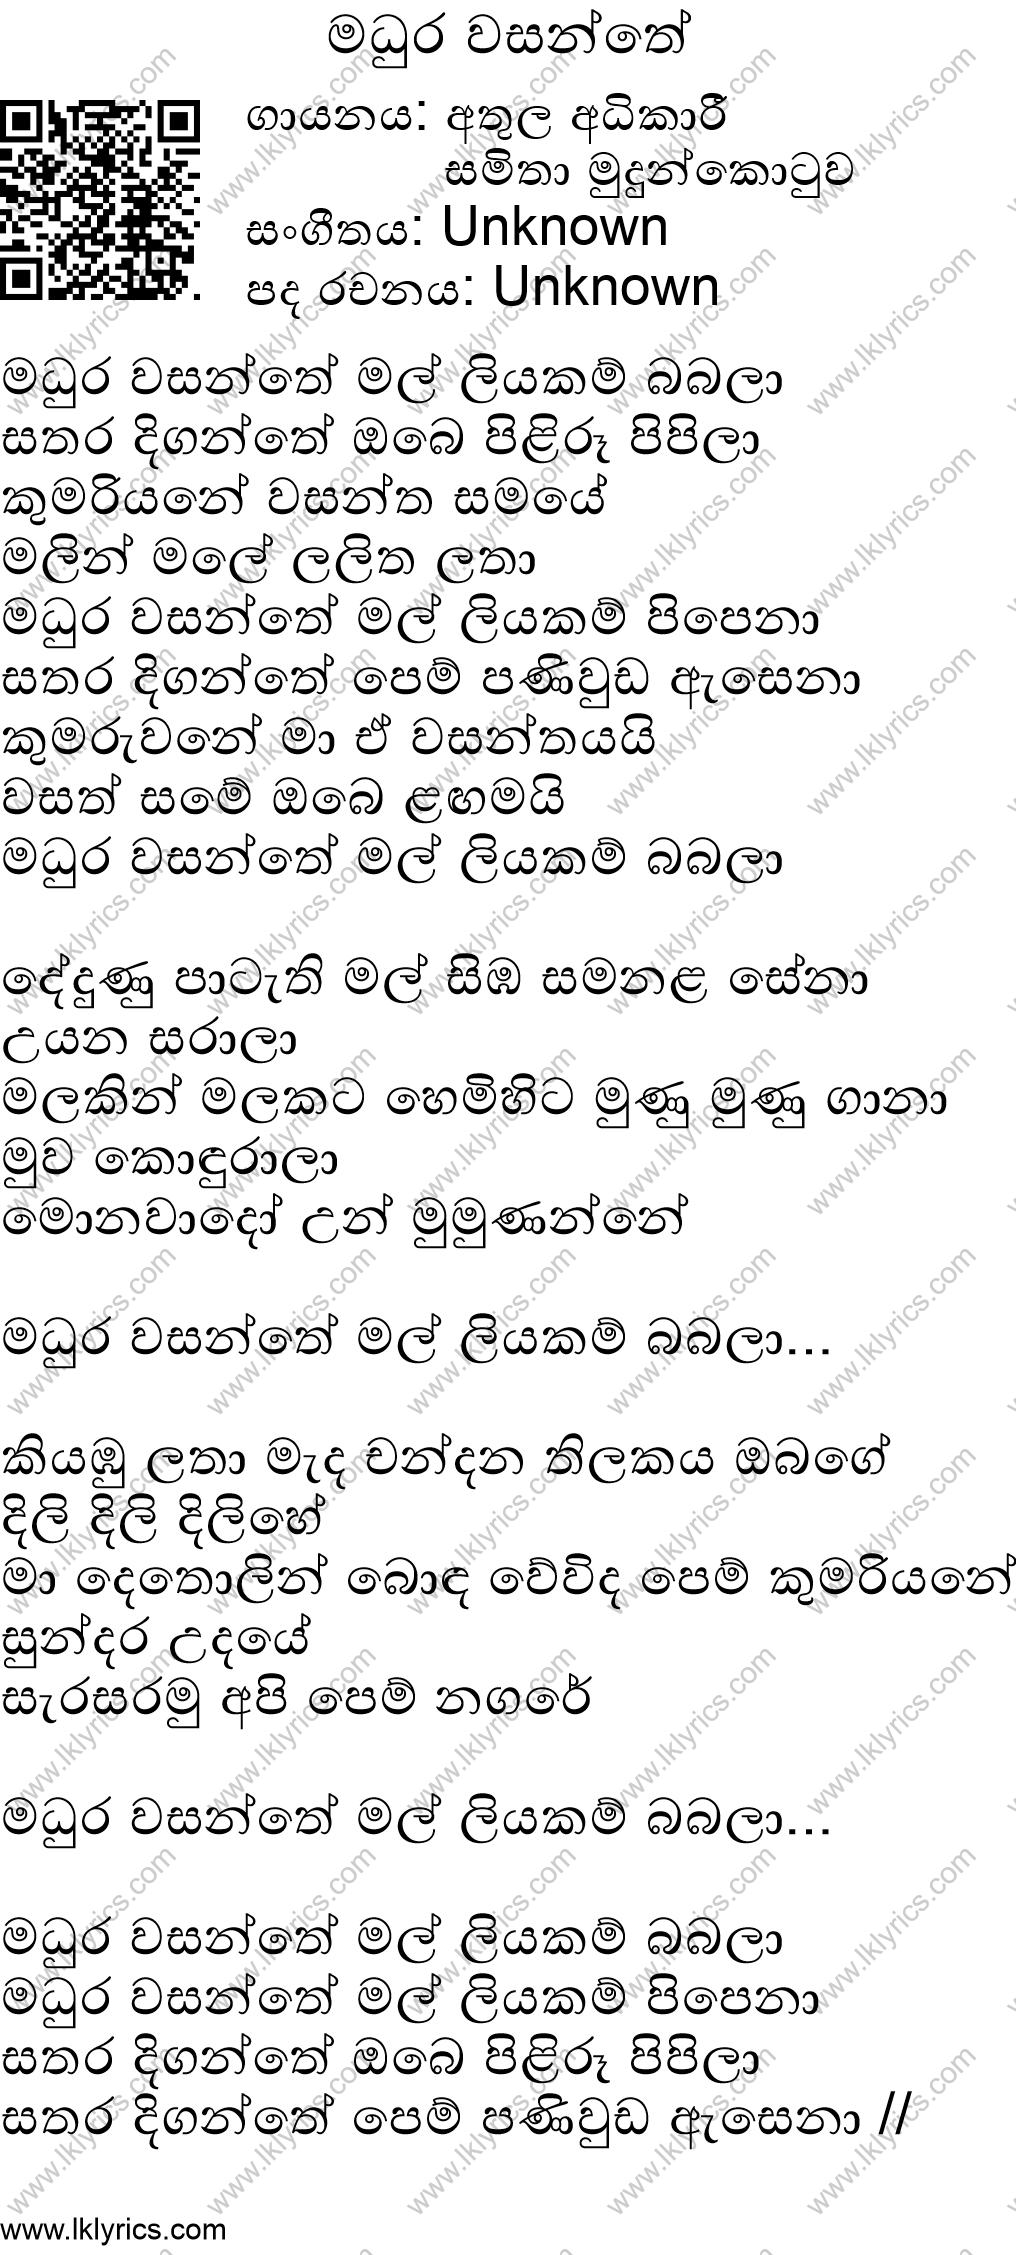 madura wasanthe kusa paba mp3 song